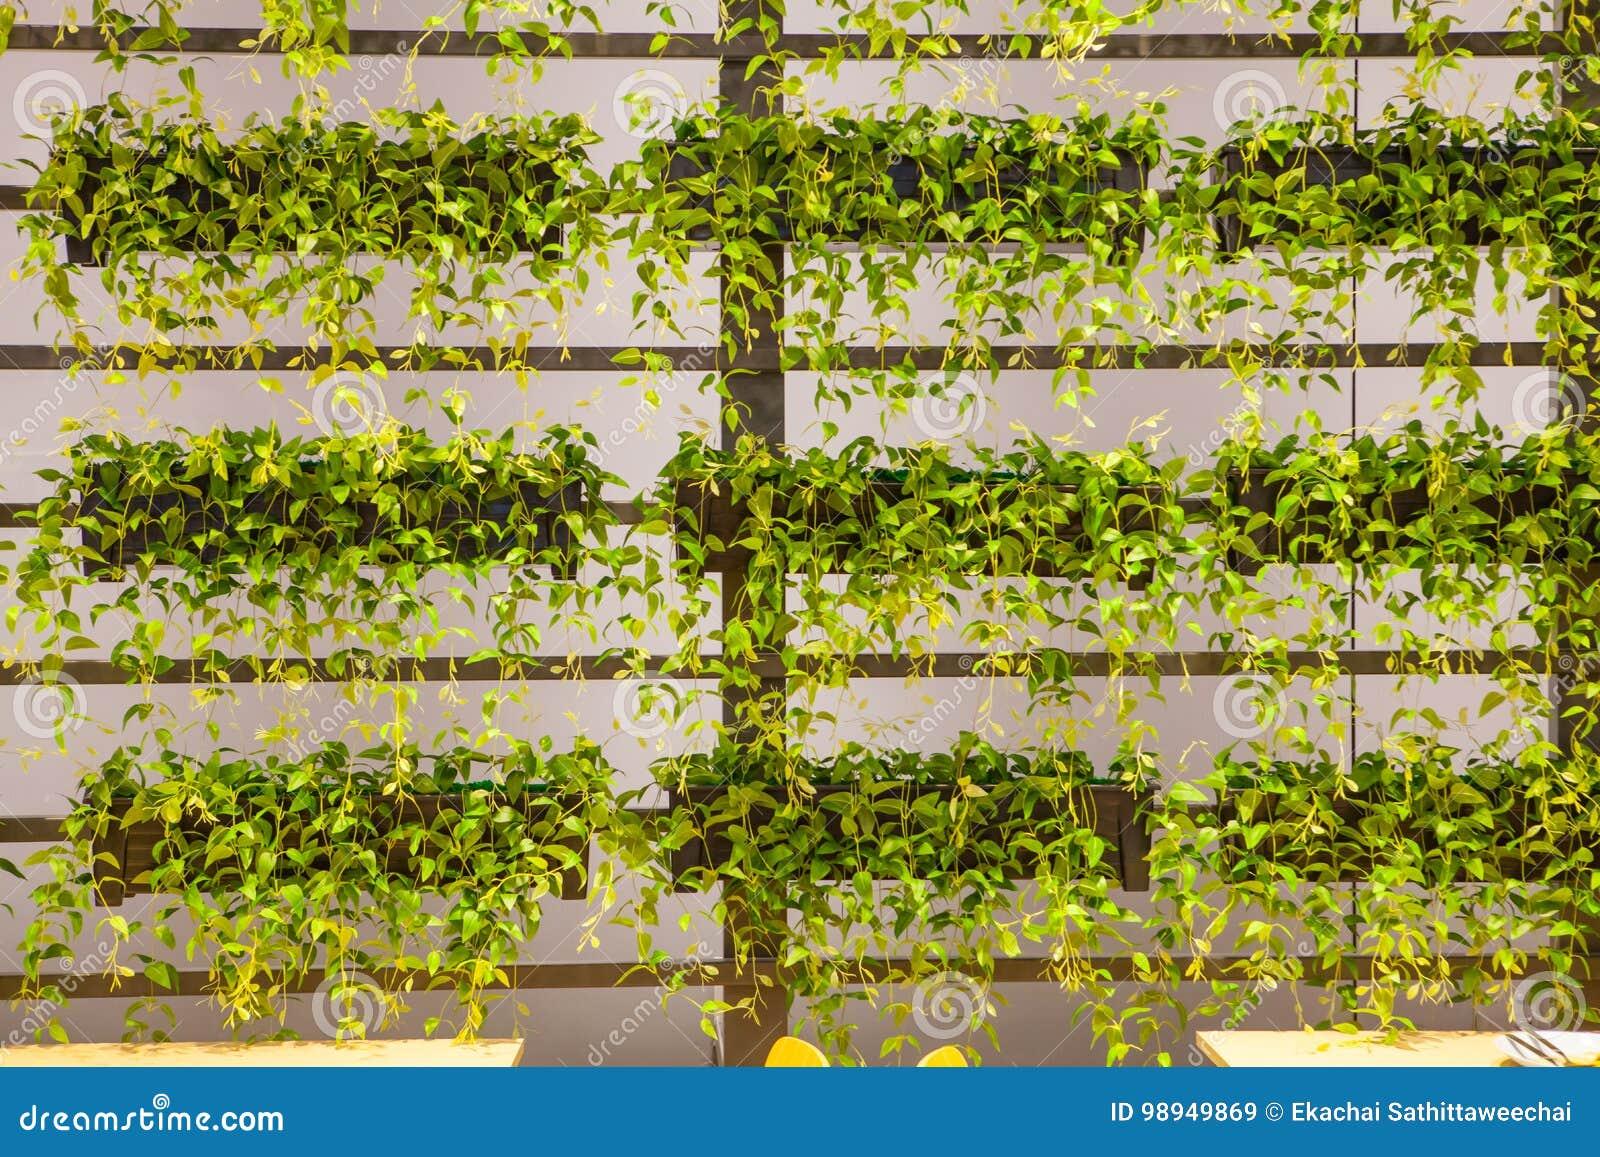 Natural Plant Hang On Wall Stock Photo - Image: 98949869